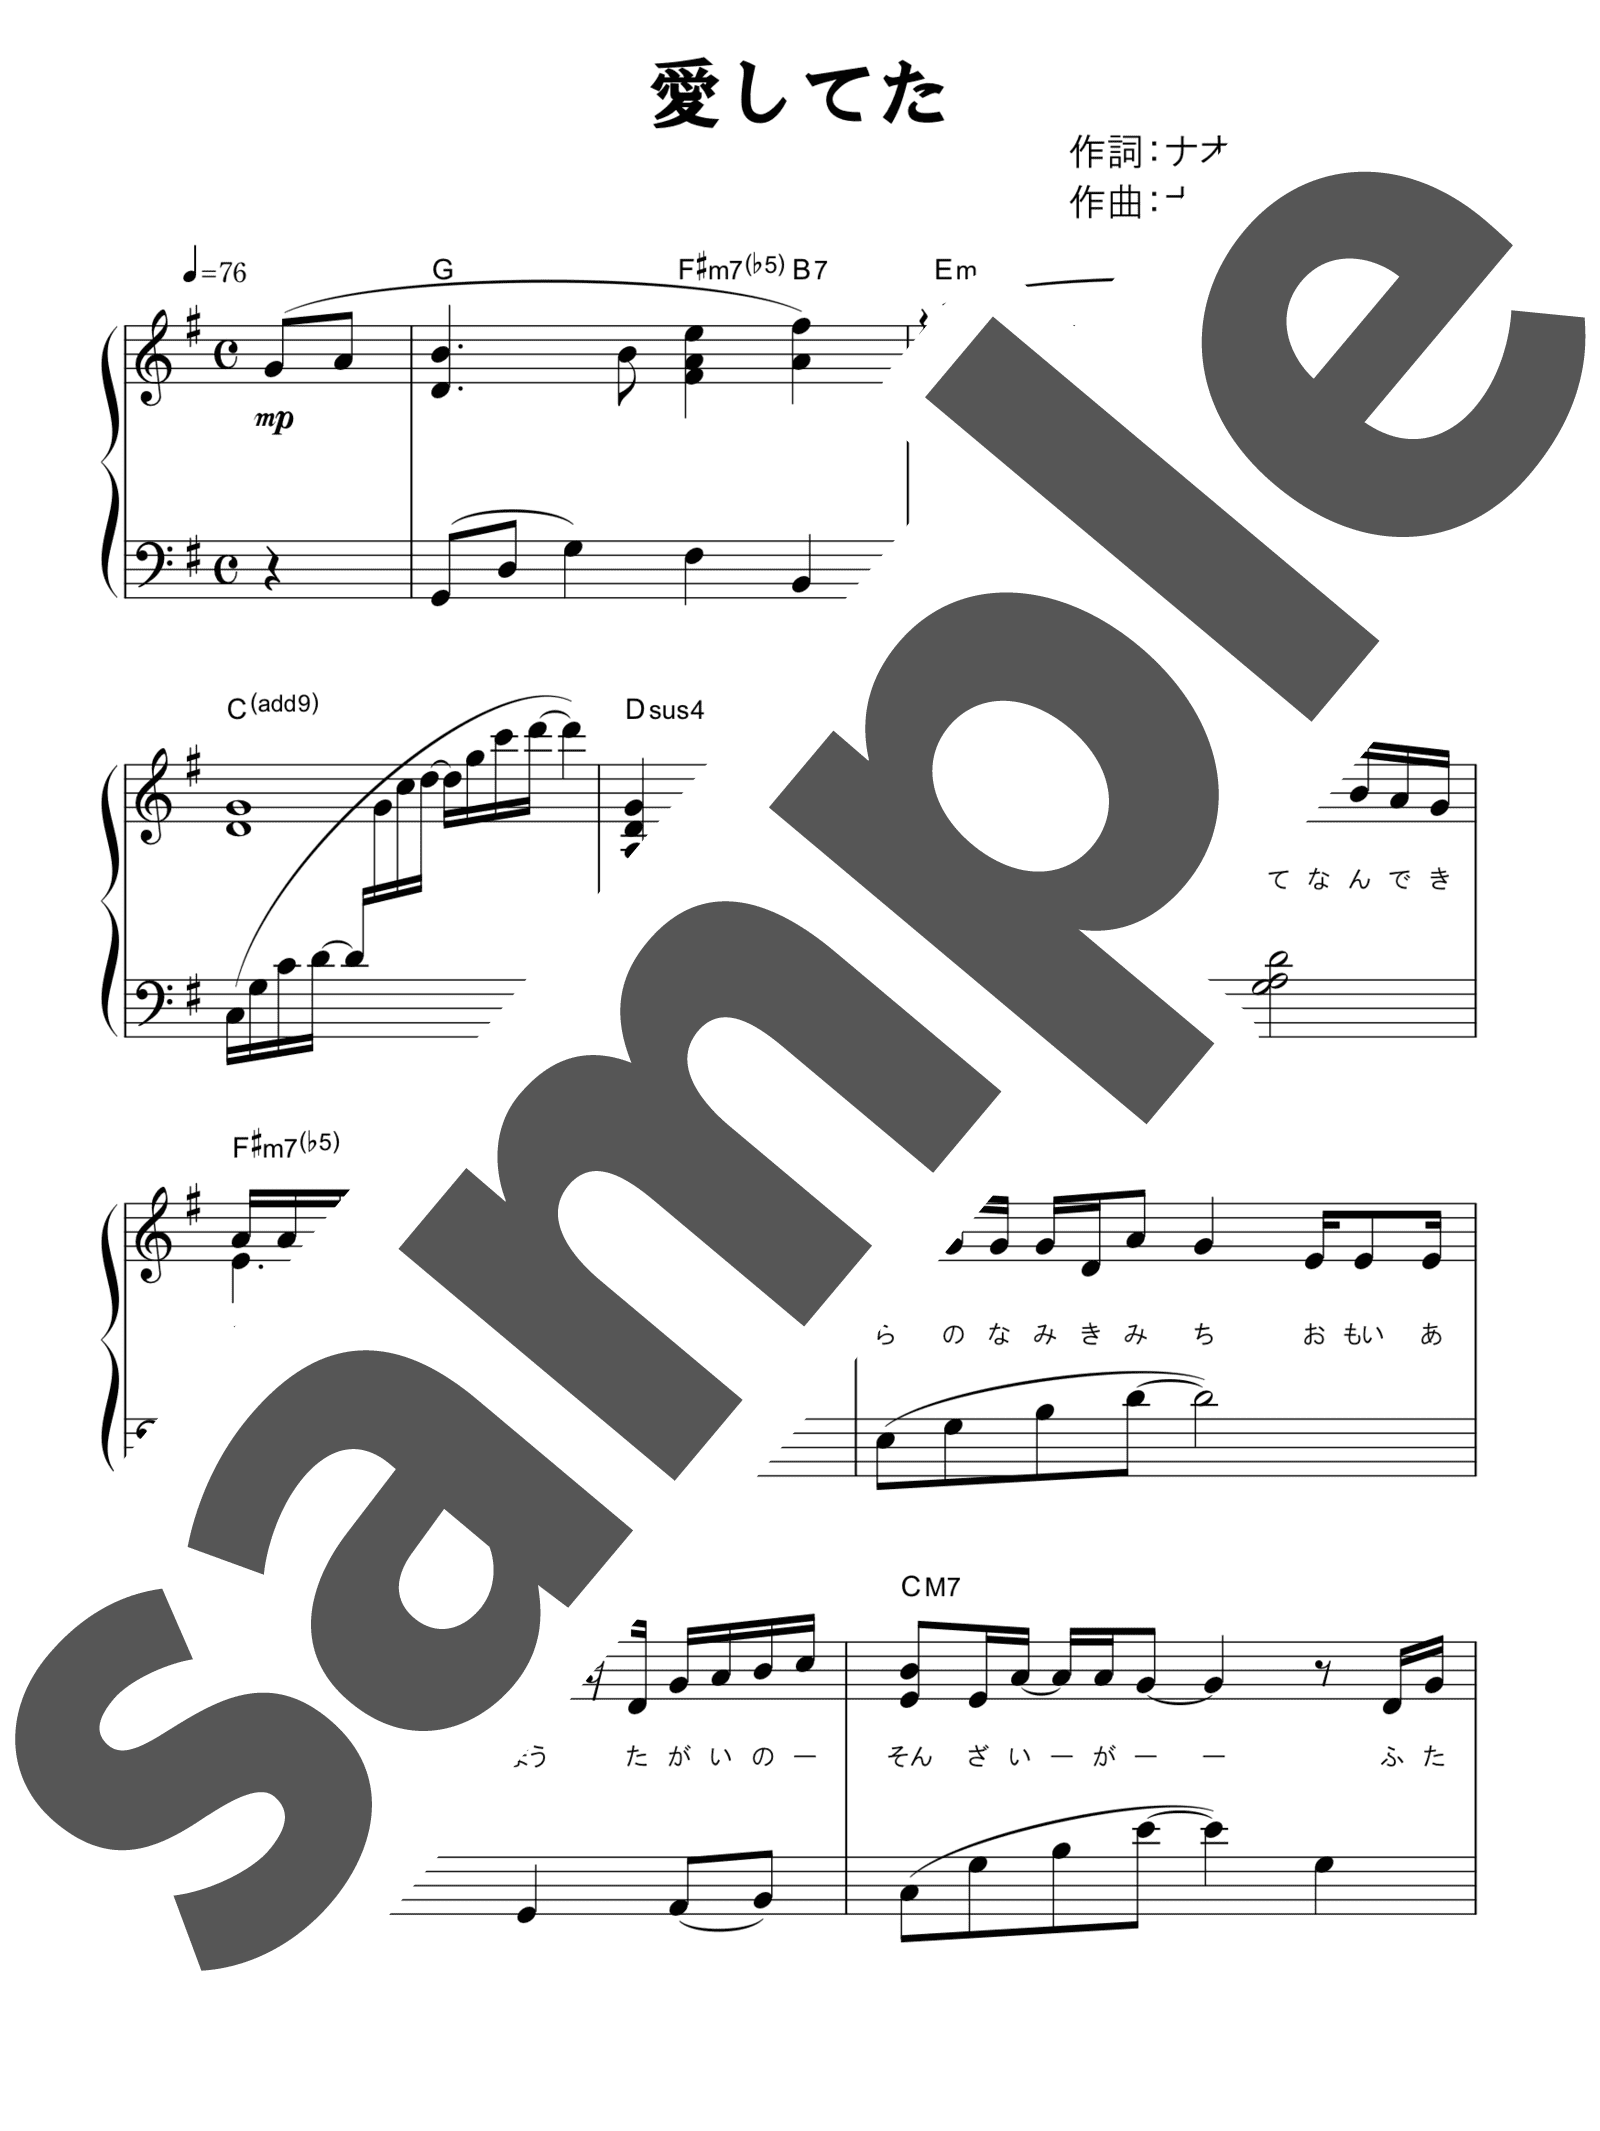 「愛してた」のサンプル楽譜